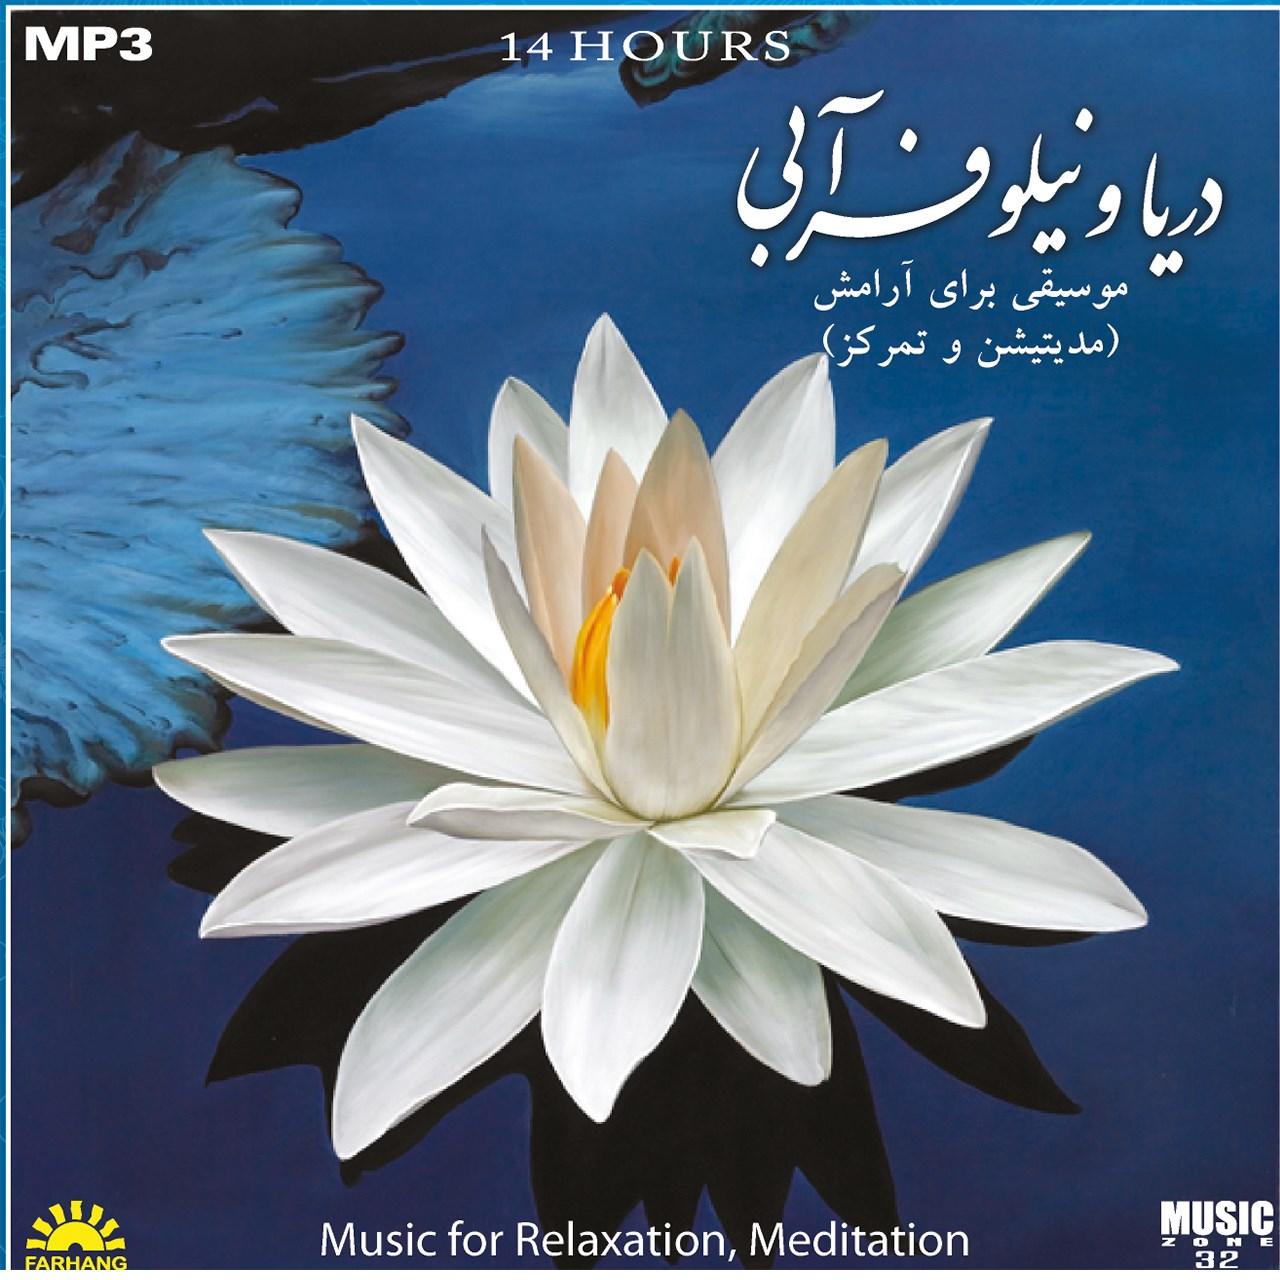 موسیقی بی کلام نیلوفر آبی نشر فرهنگ